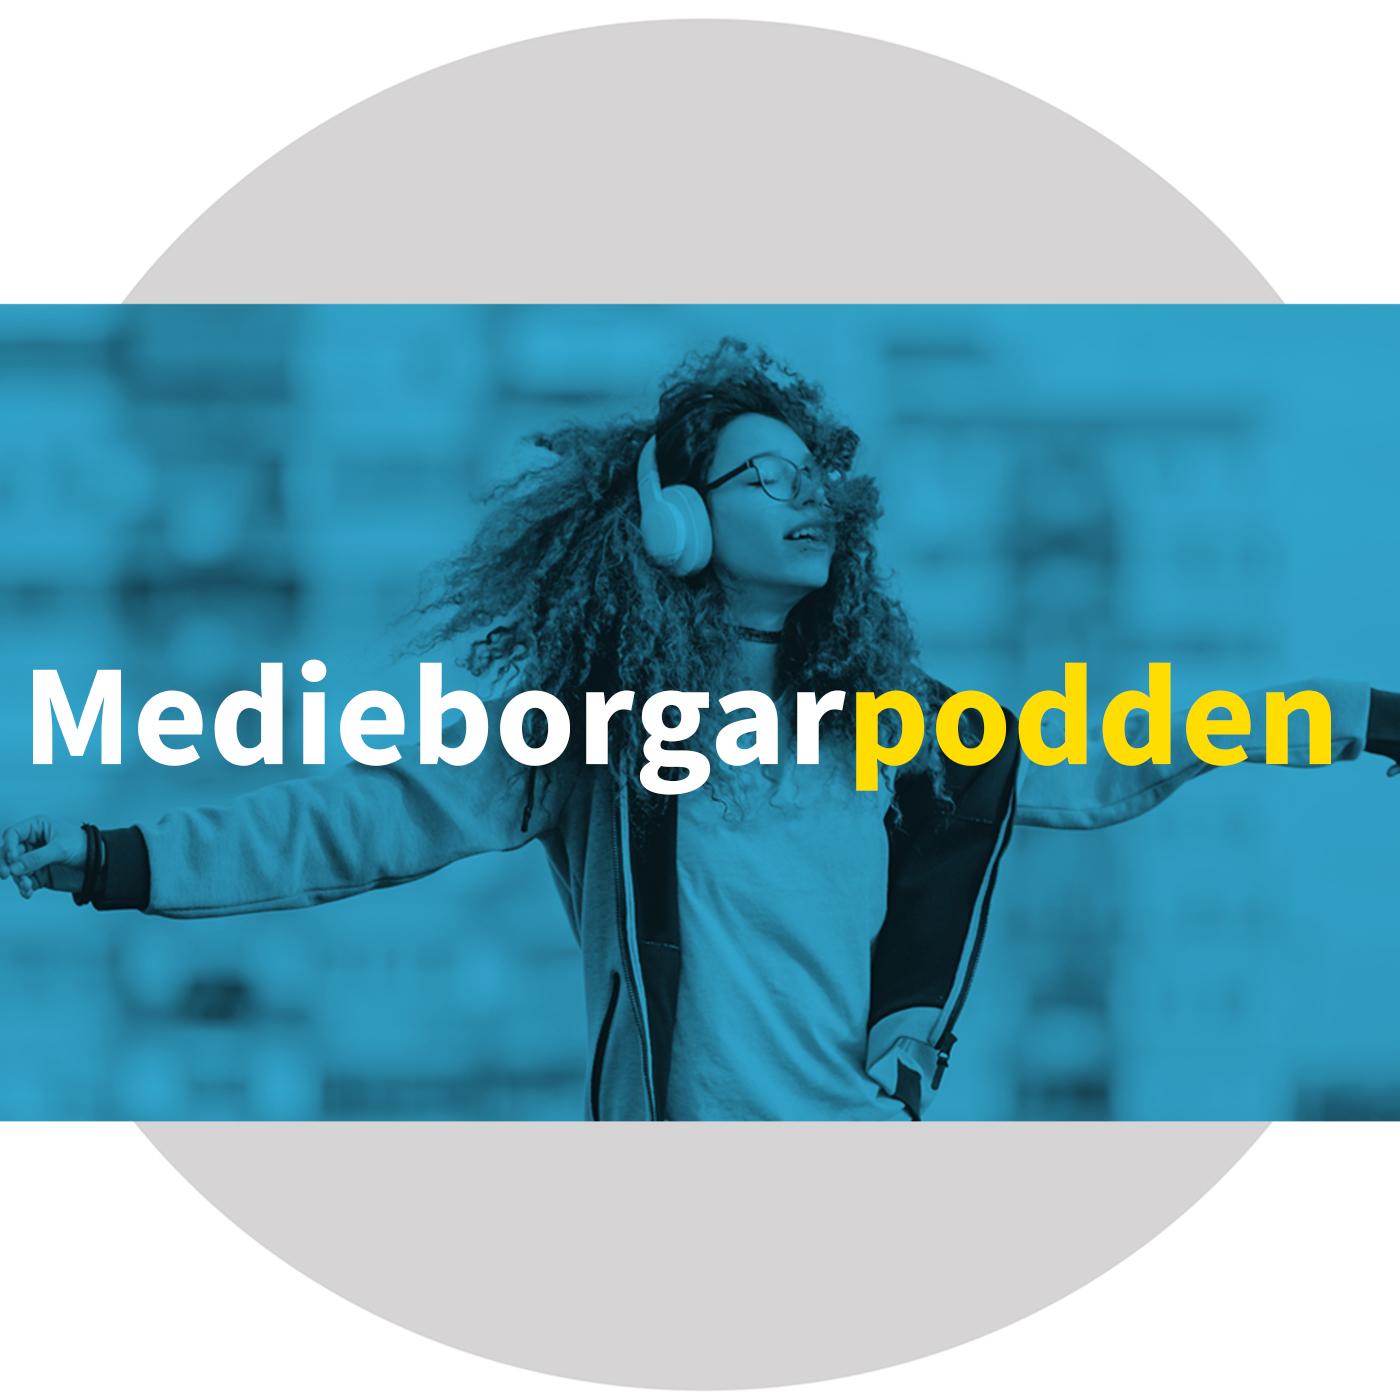 Medieborgarpodden show art